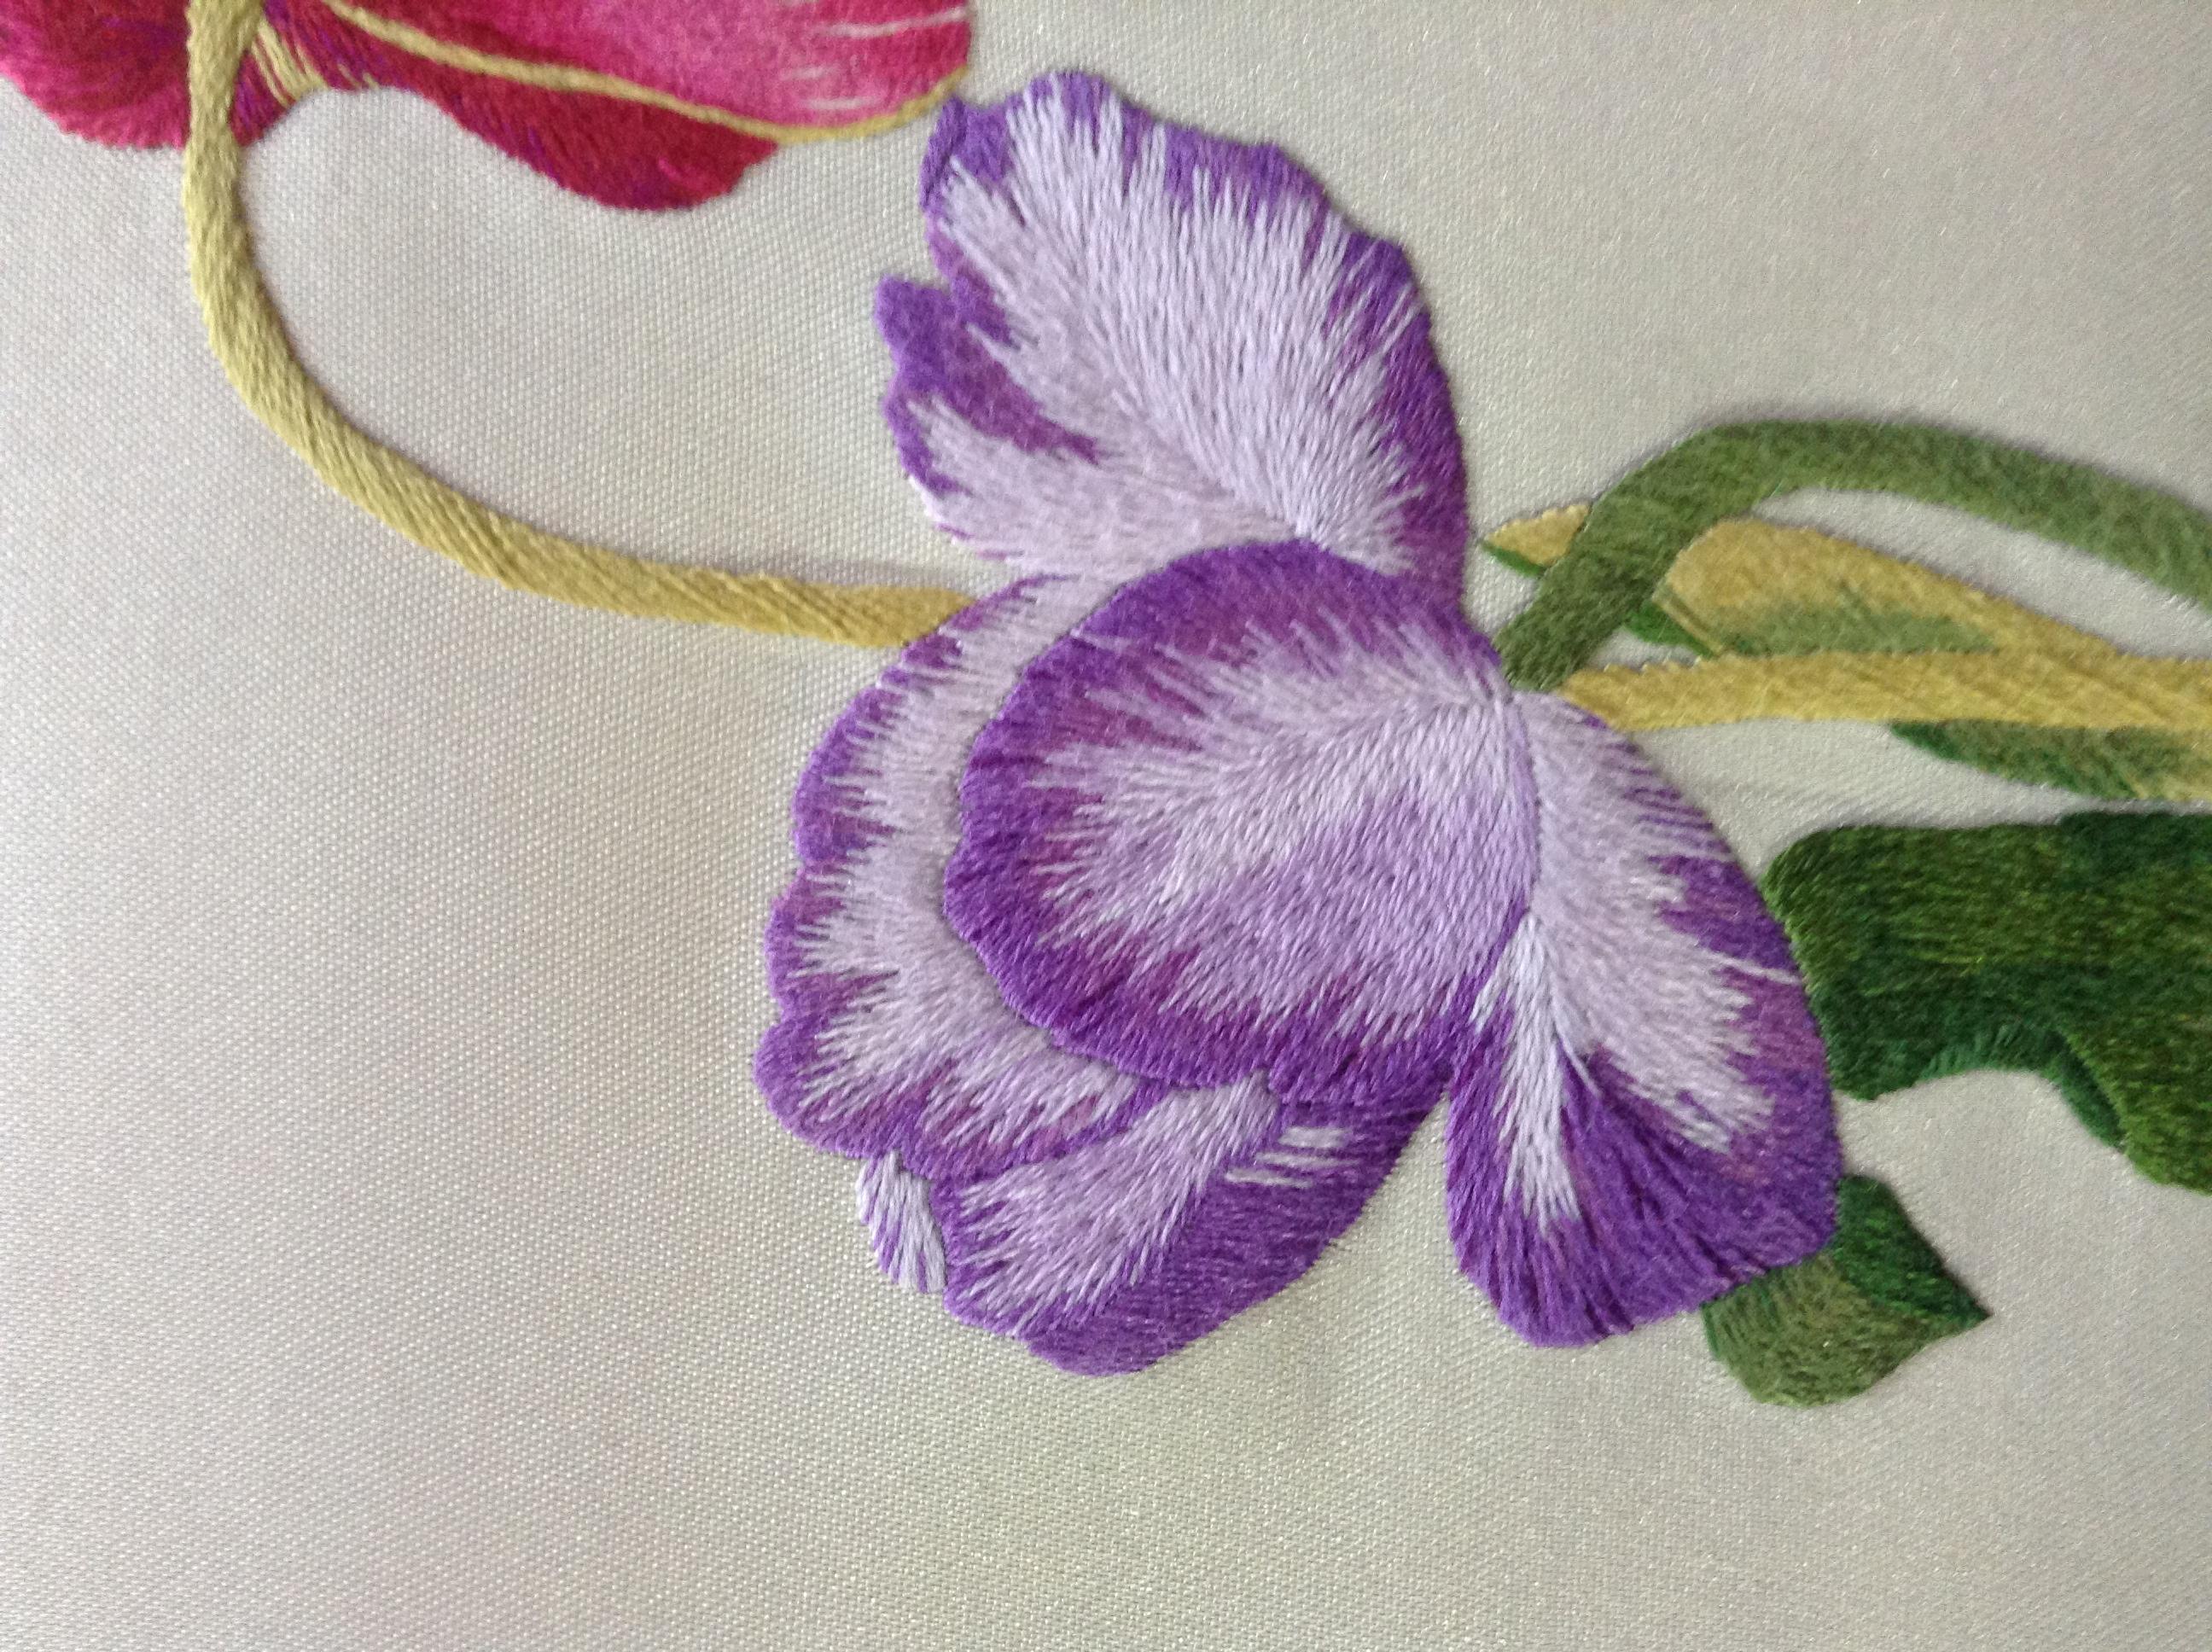 Tulip, detail